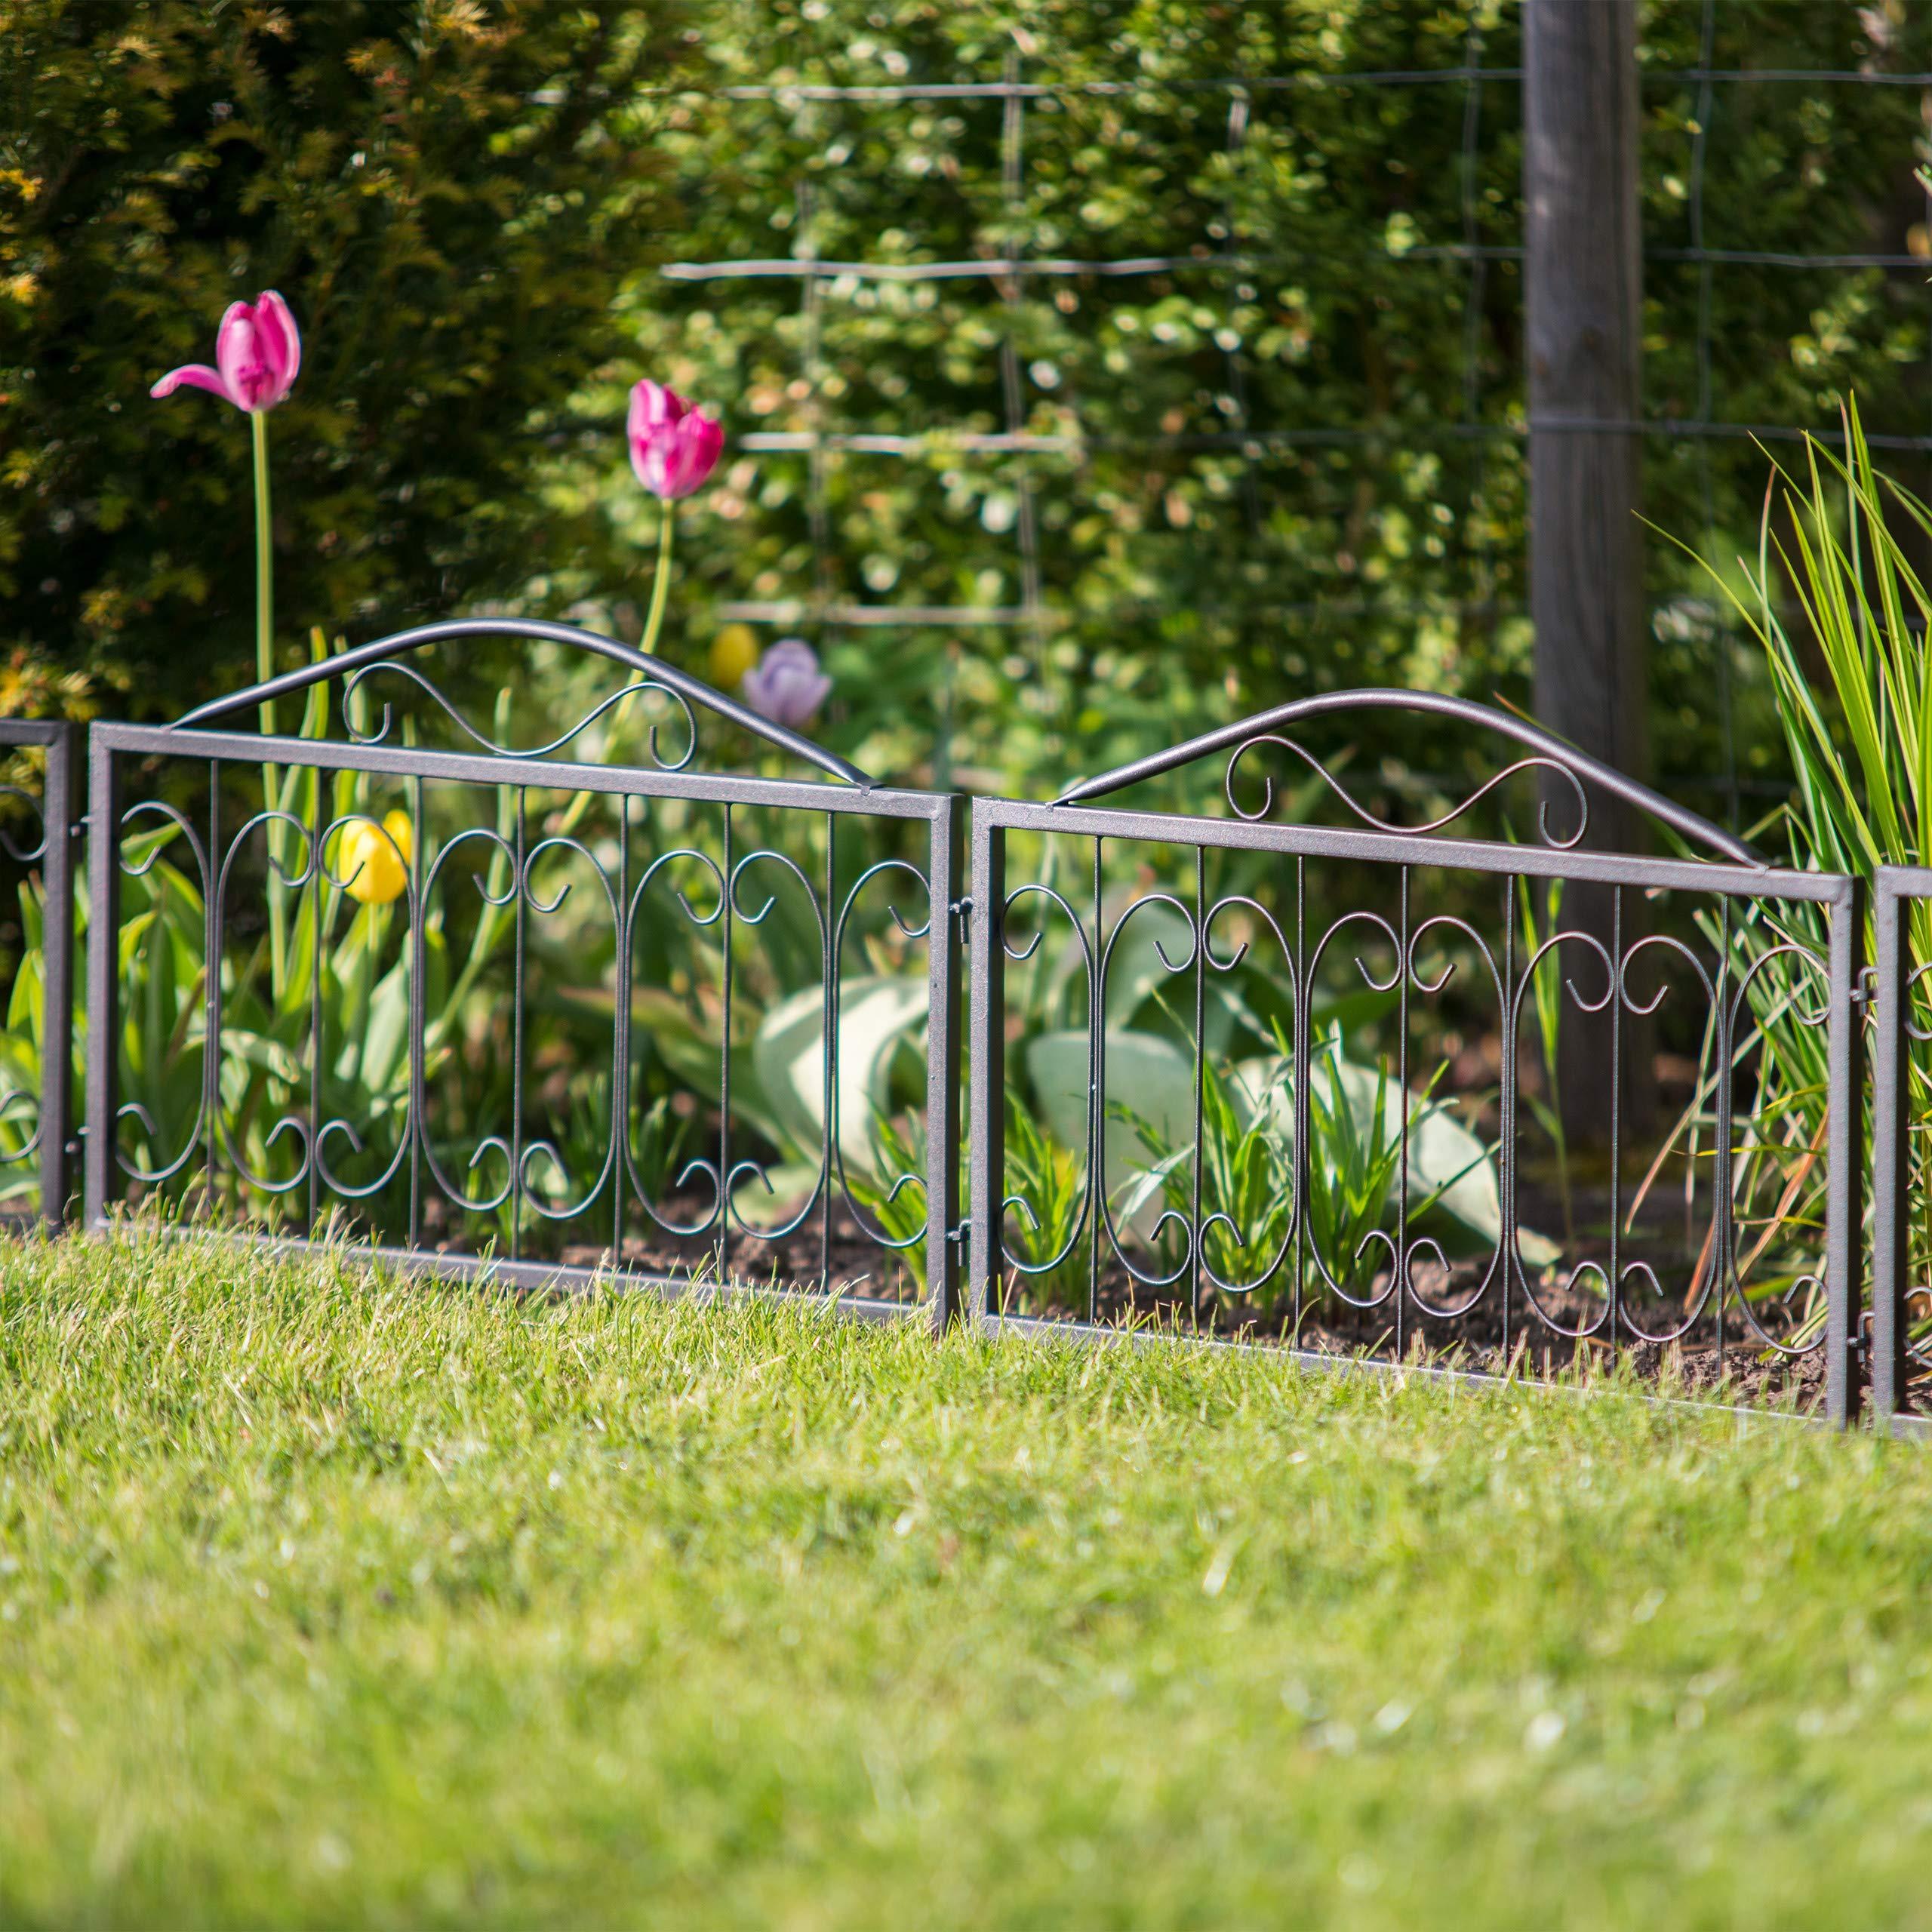 Relaxdays Valla de jardín Goth, Estilo nostálgico, Delimitador de Bordes, Diseño A, 34, 5 x 56, 5 cm, 4 Uds, Negro, 1.5 x 225 x 47 cm: Amazon.es: Jardín